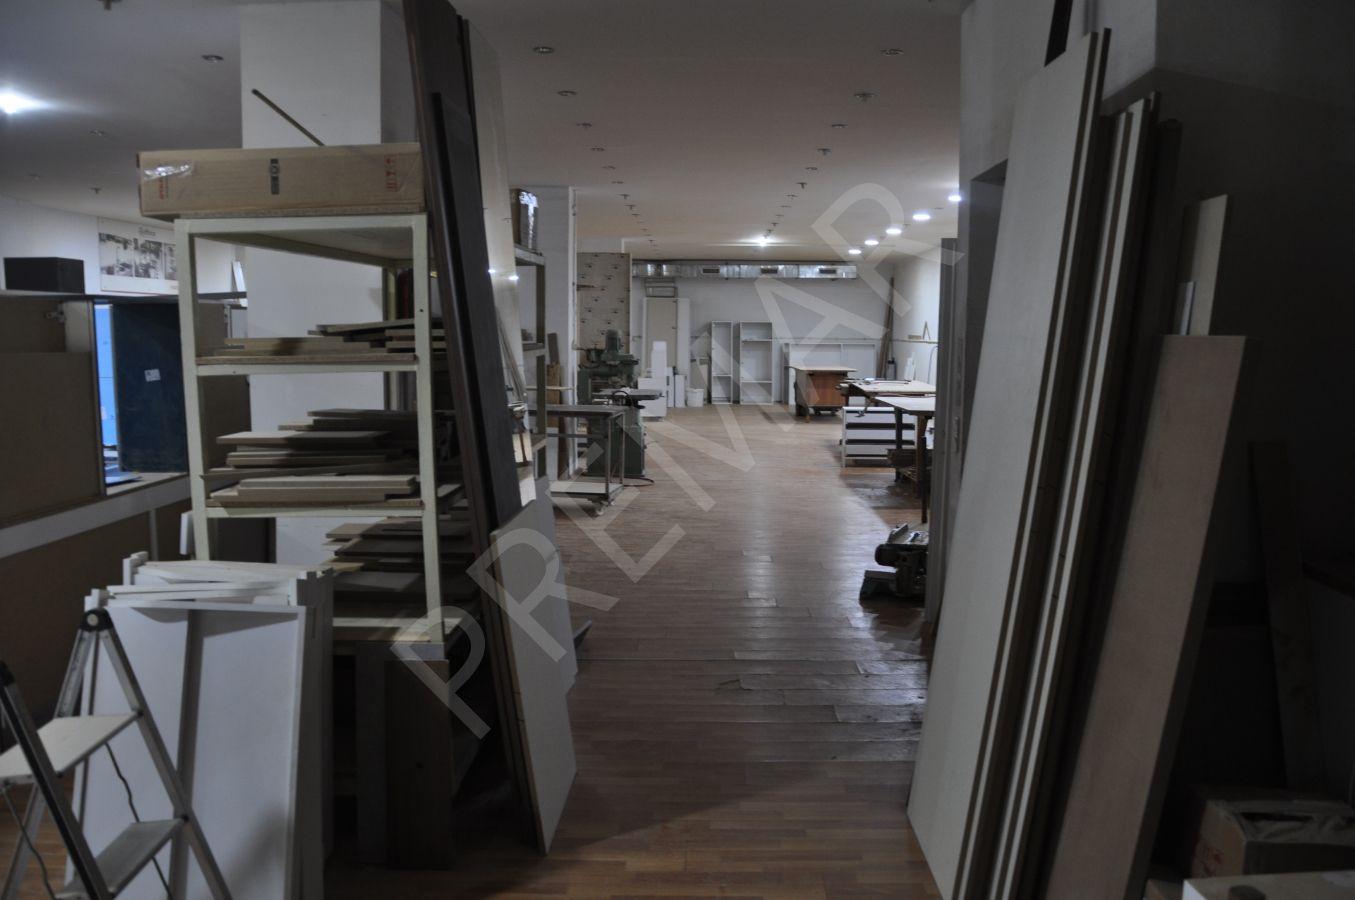 Nilüfer'in En Değerli Noktasında Devren Kiralık Showroom Ve Üretim Alanı